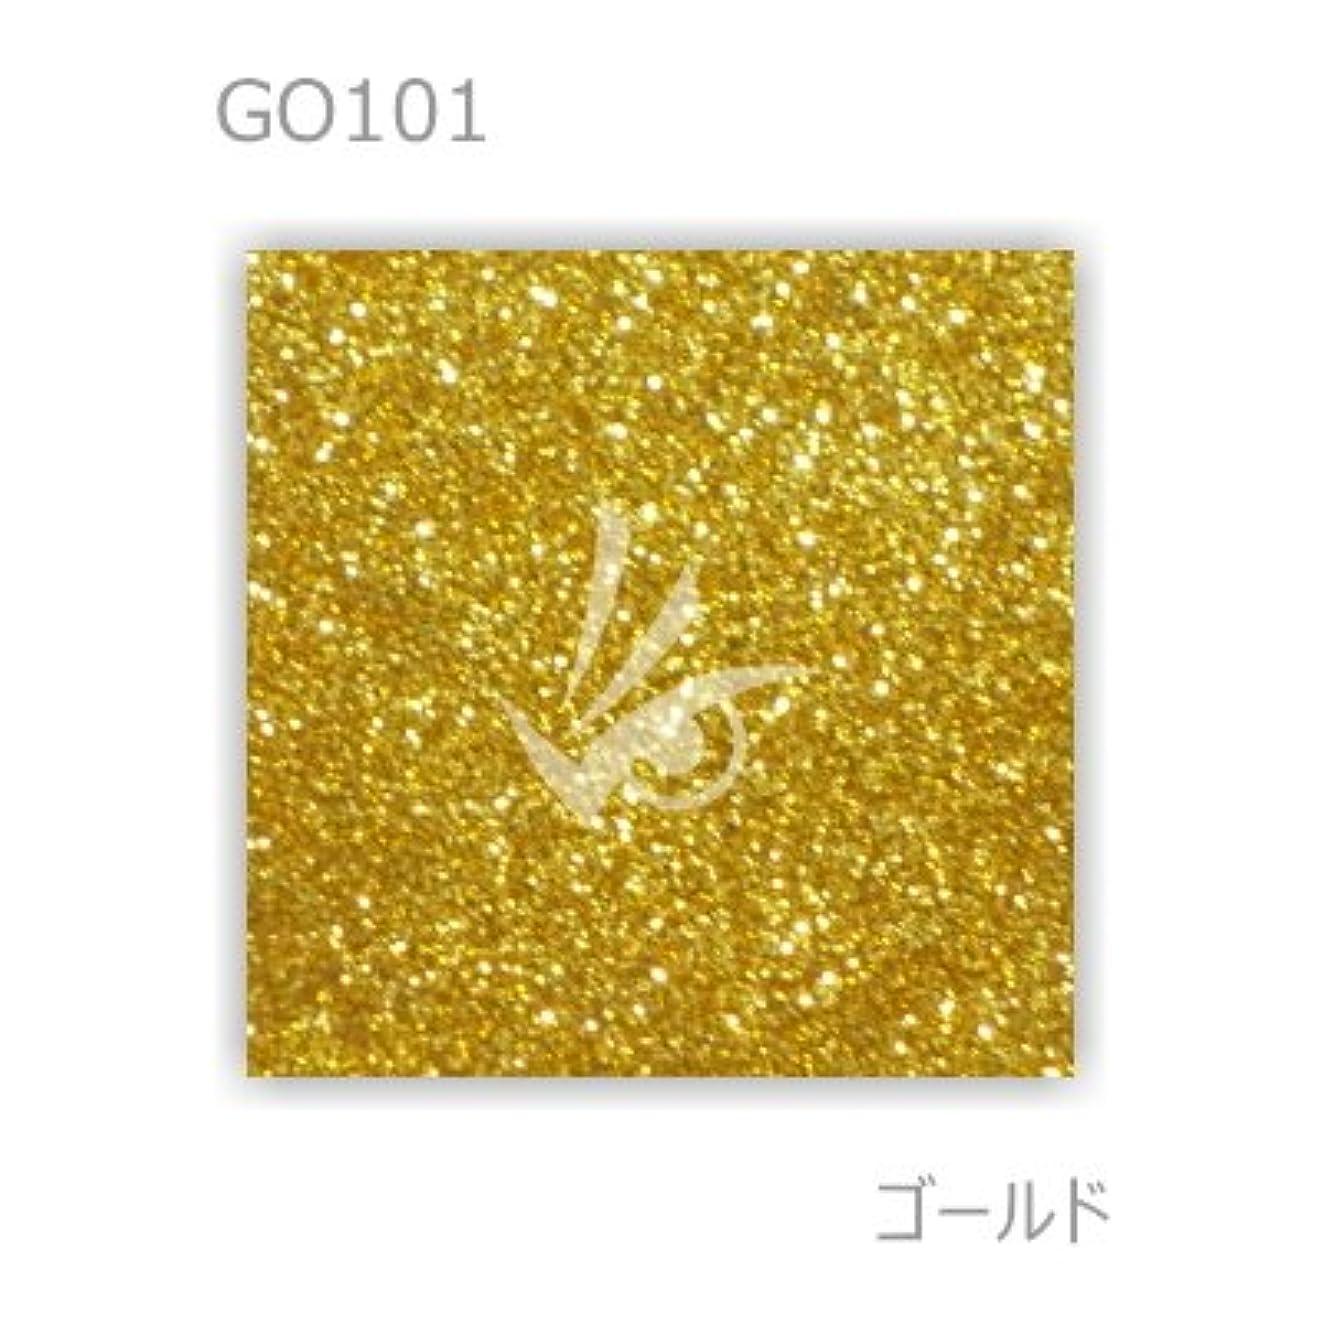 束ねる野ウサギ気づく業務用 グリッター ラメパウダー ホログラム (ゴールド) (500g) (0.2mm)